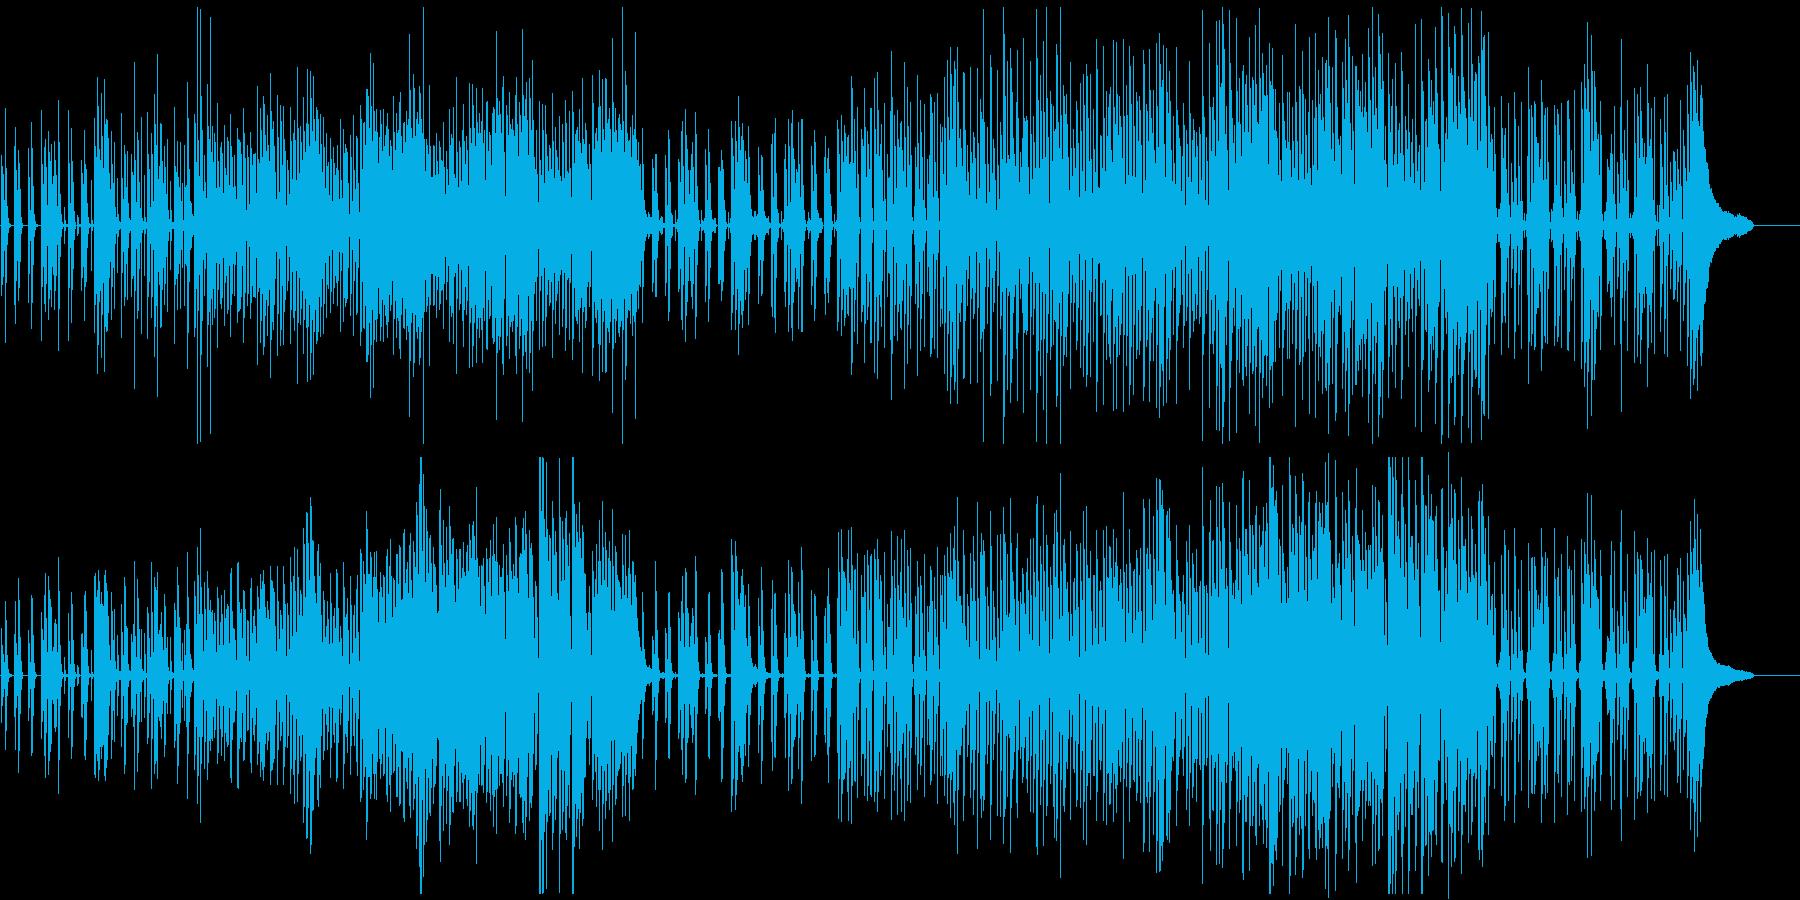 かわいい おまぬけ感 コミカル ポップの再生済みの波形